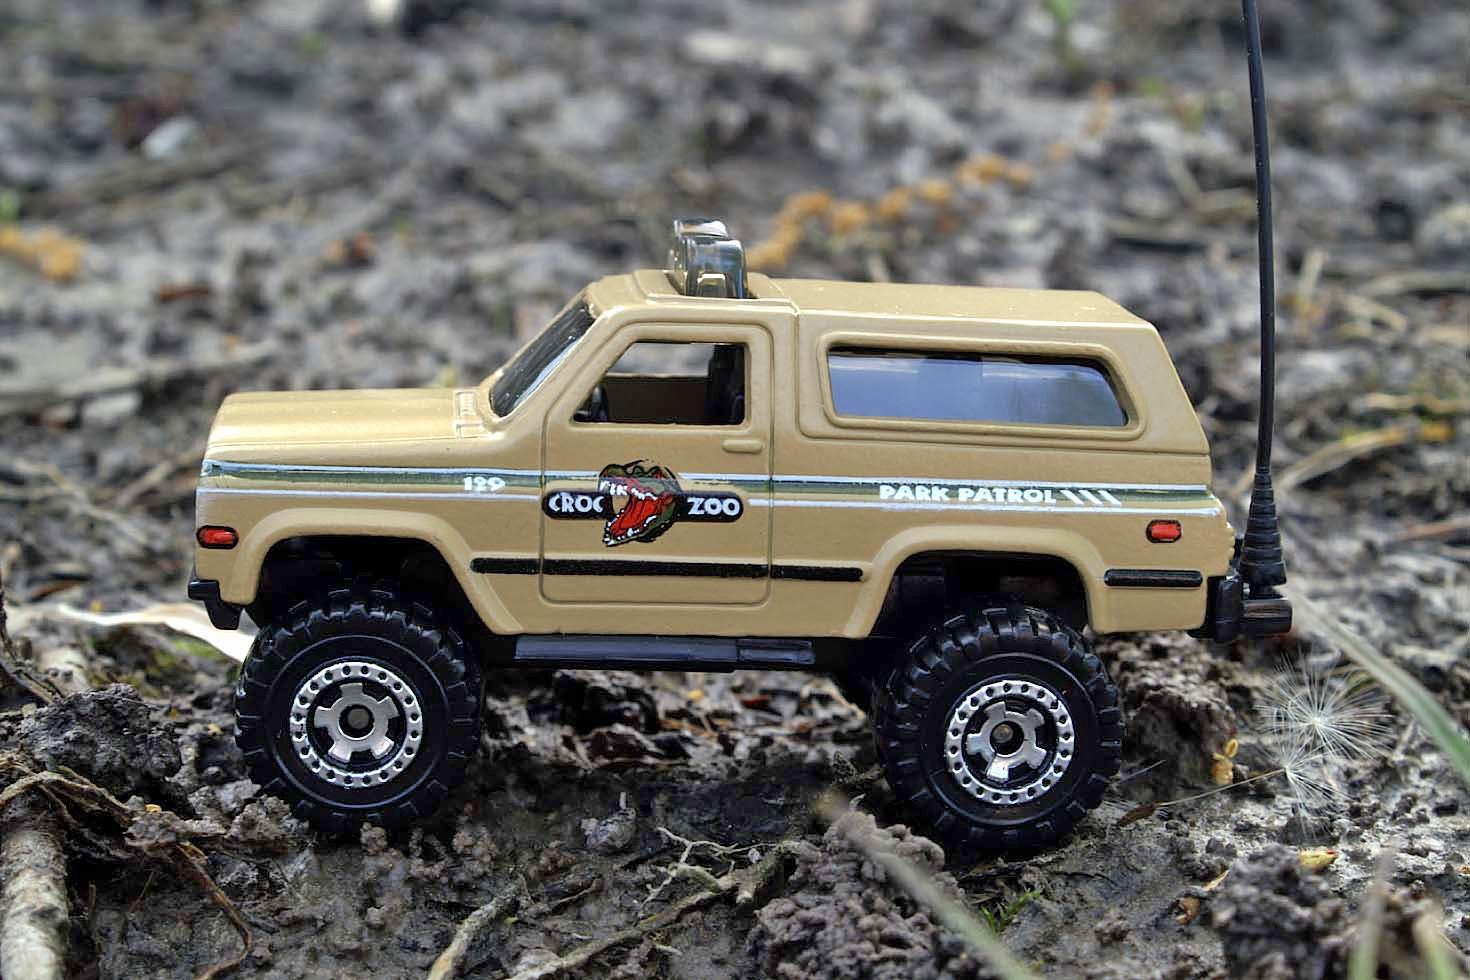 Blazer chevy blazer 2002 : 4X4 Chevy Blazer | Matchbox Cars Wiki | FANDOM powered by Wikia